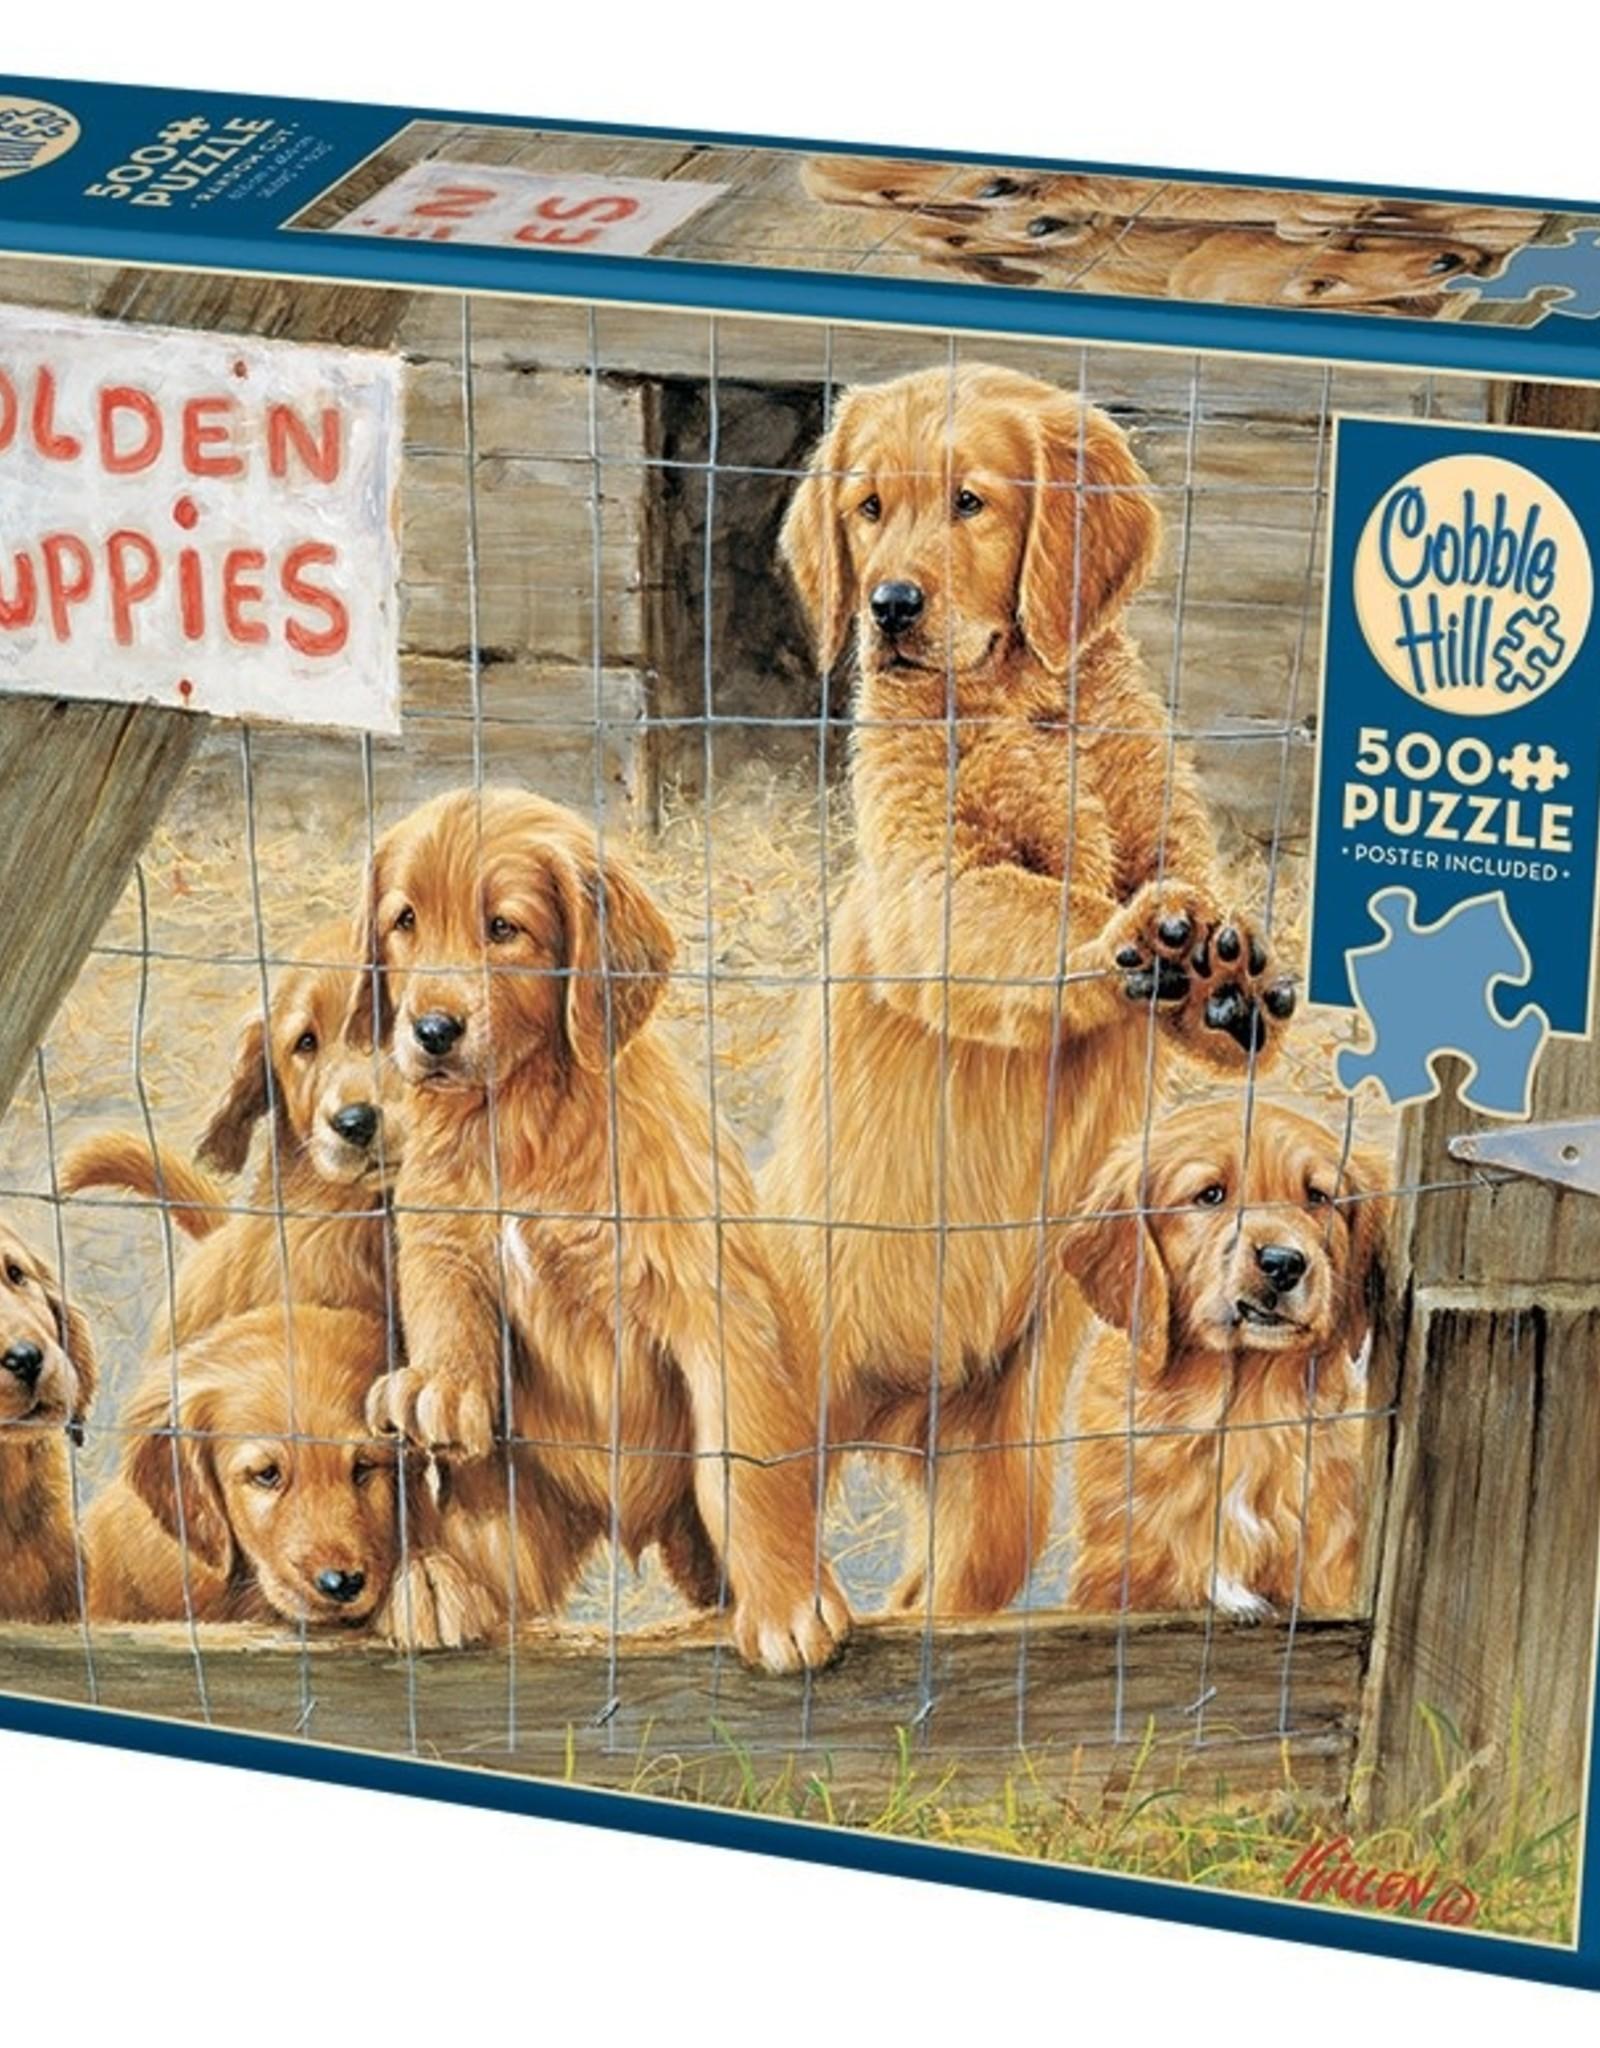 Cobble Hill Puzzles Golden Puppies - 500 pc Puzzle